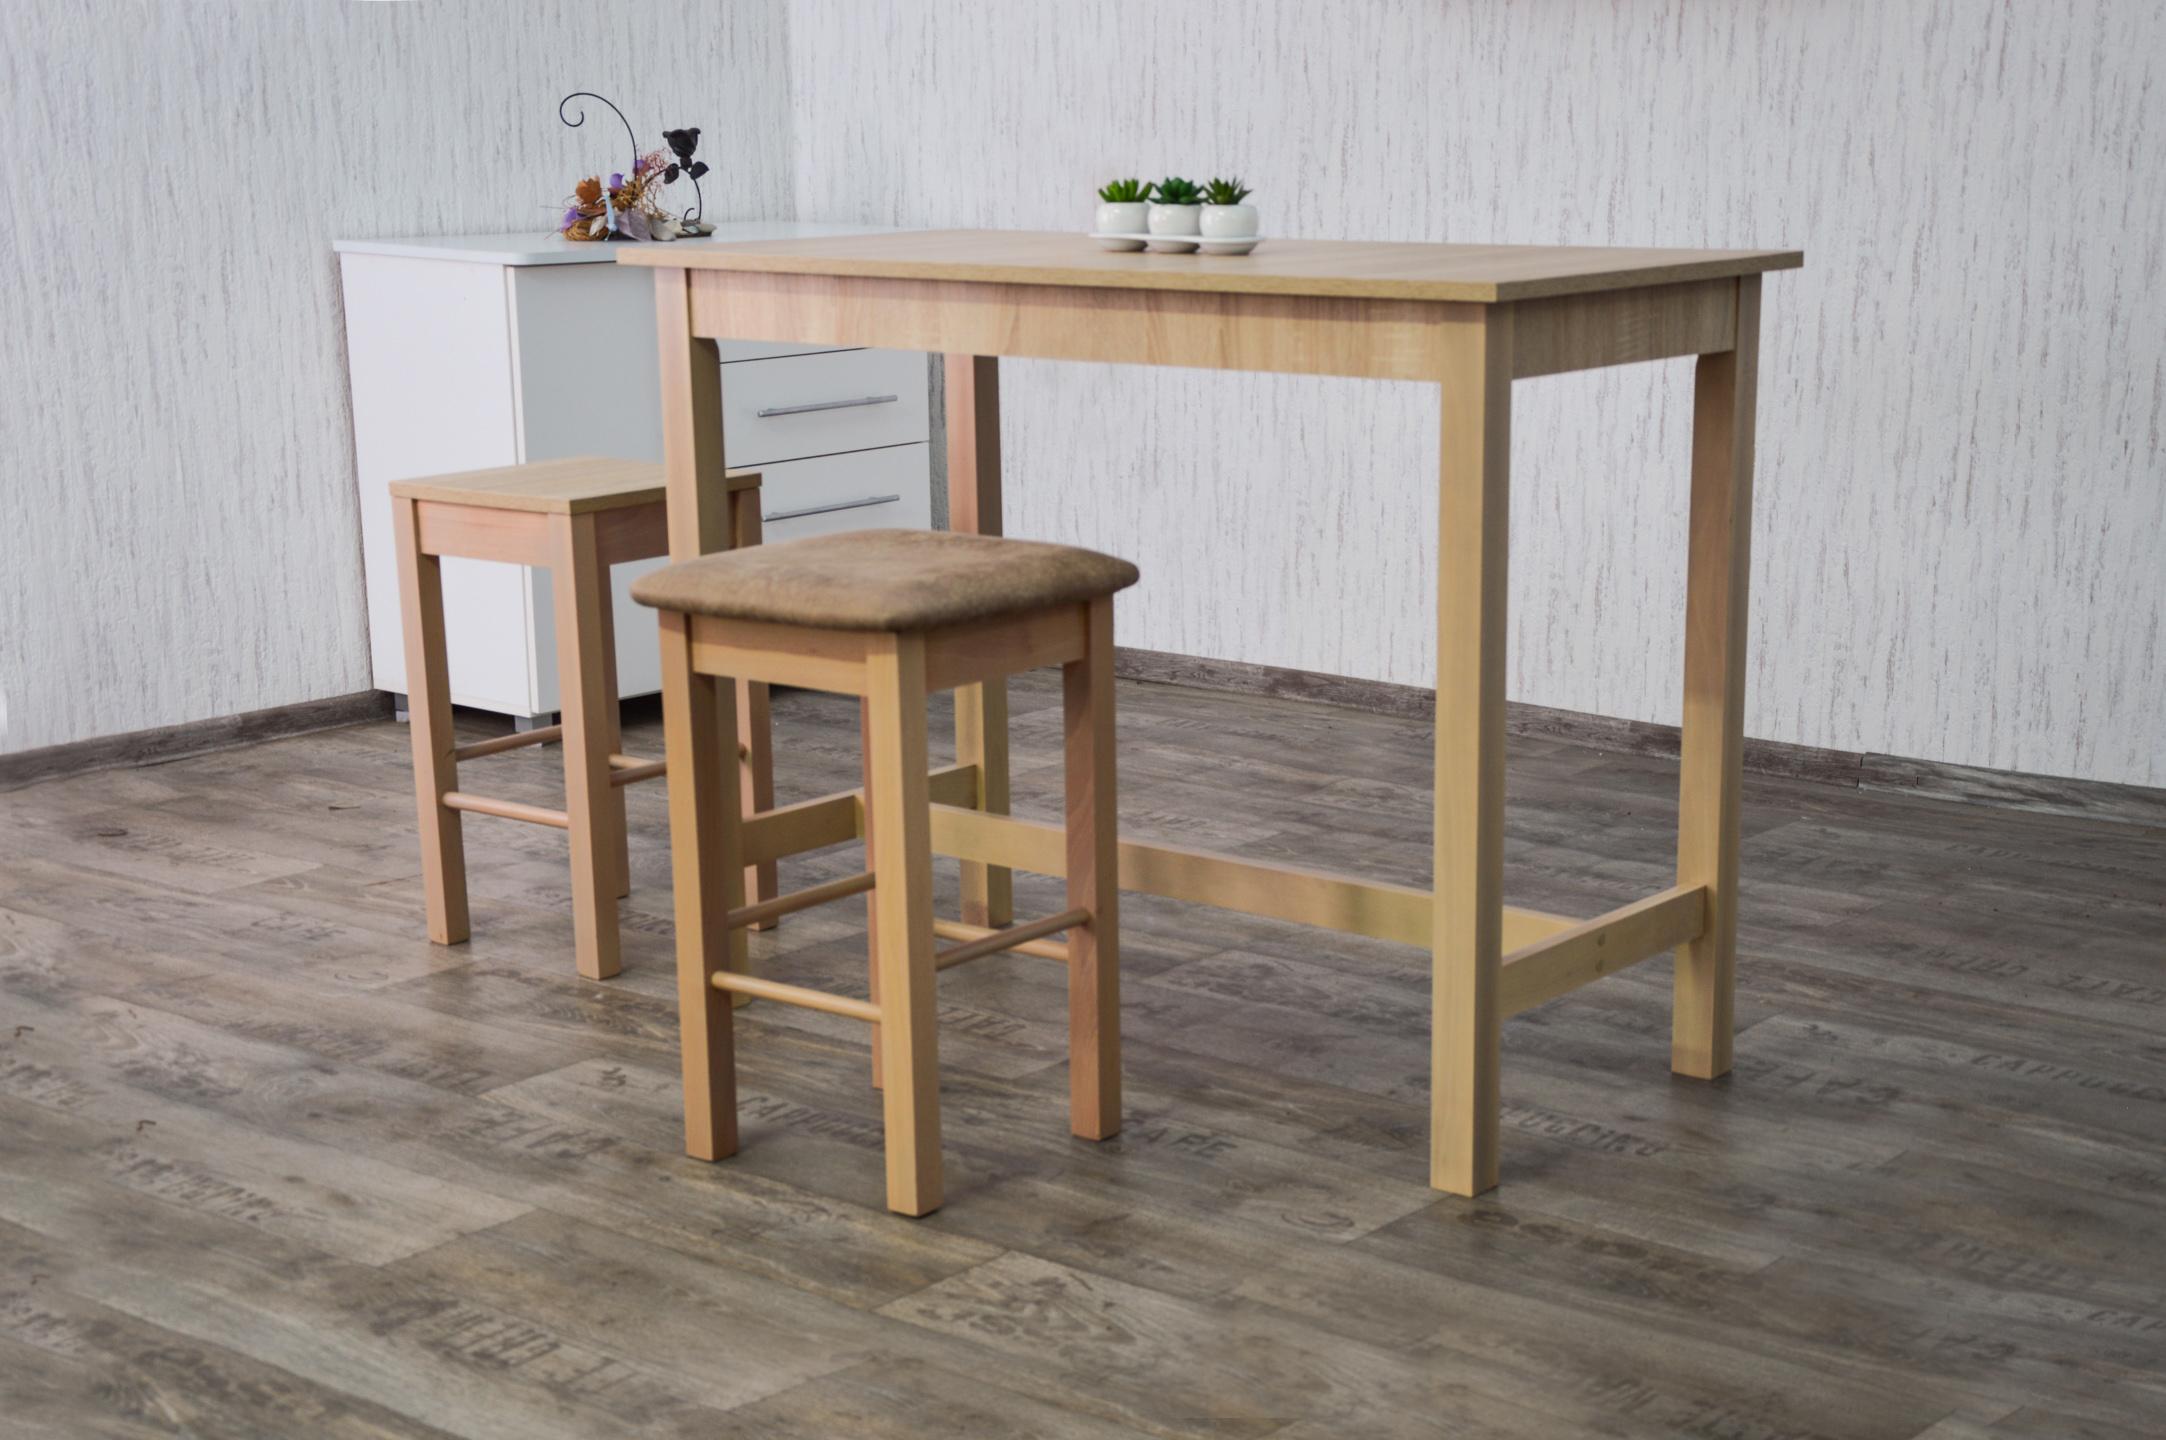 Stół Barowy Czyli Mobilna Wyspa Kuchenna Stół Plus Krzesła